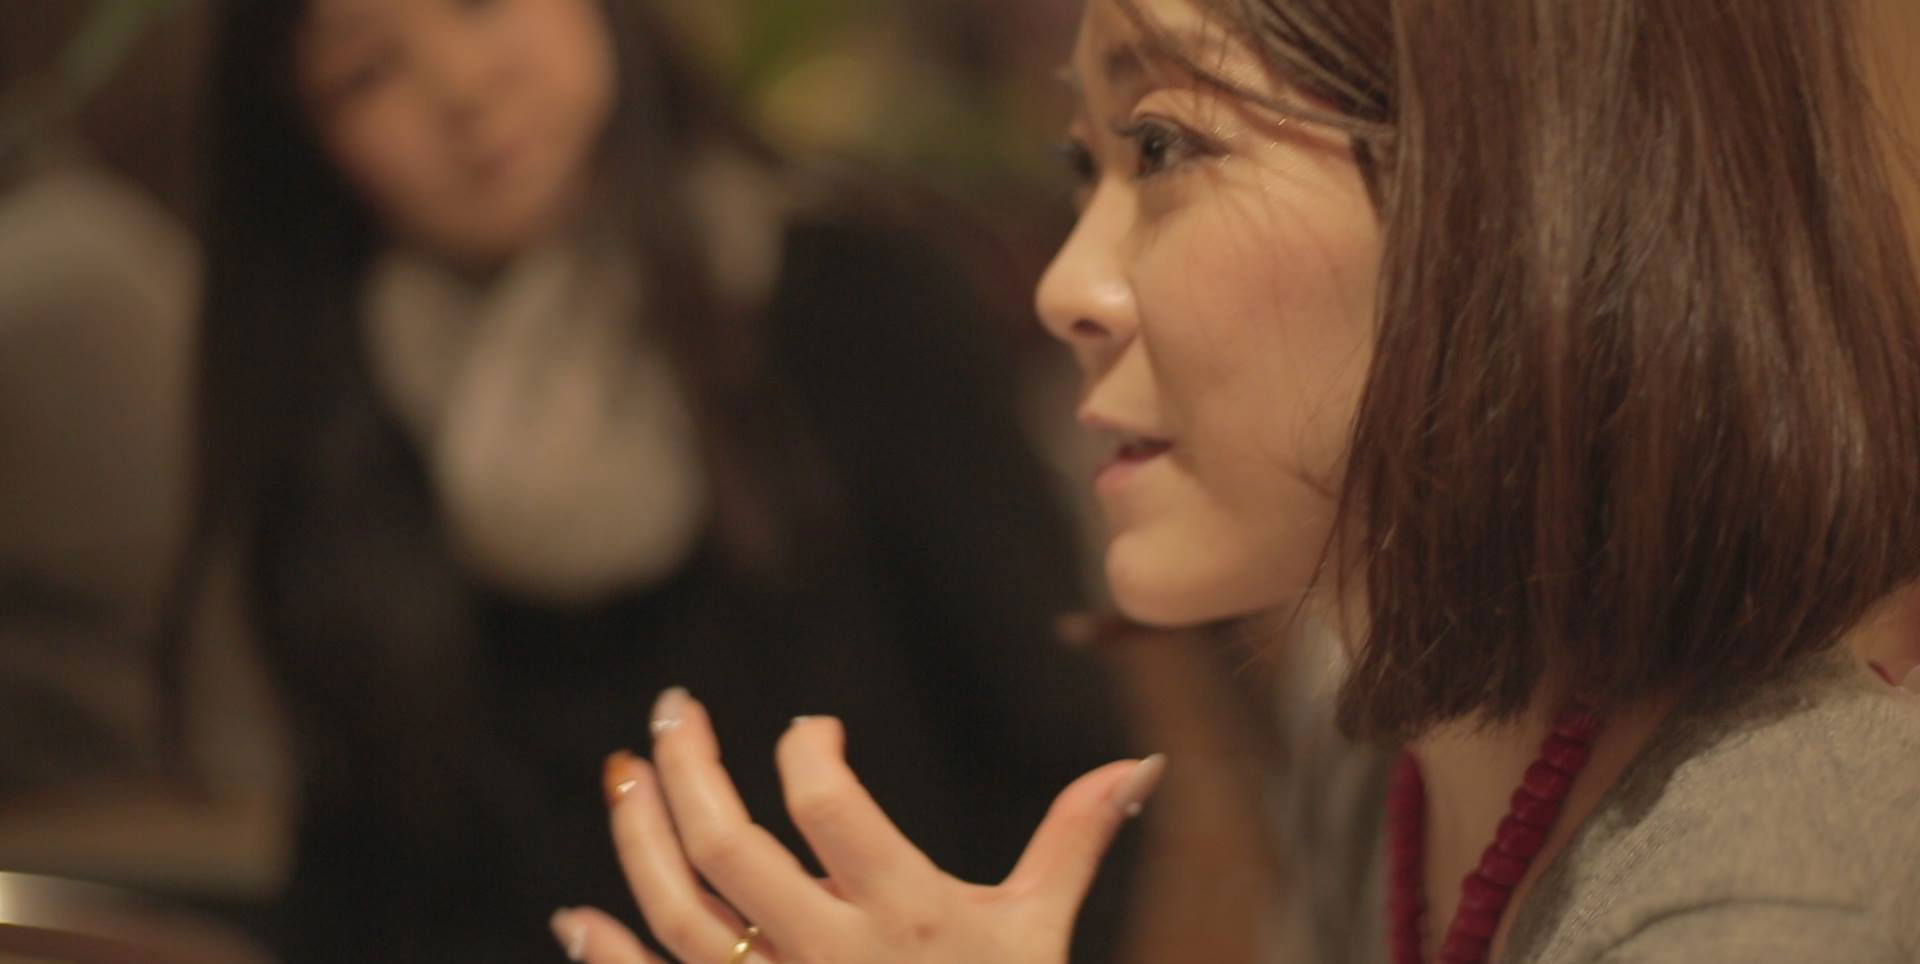 【東京・長野】デュアル生活のメリット・デメリット〜育児編〜 | 柳澤由香のblog #006